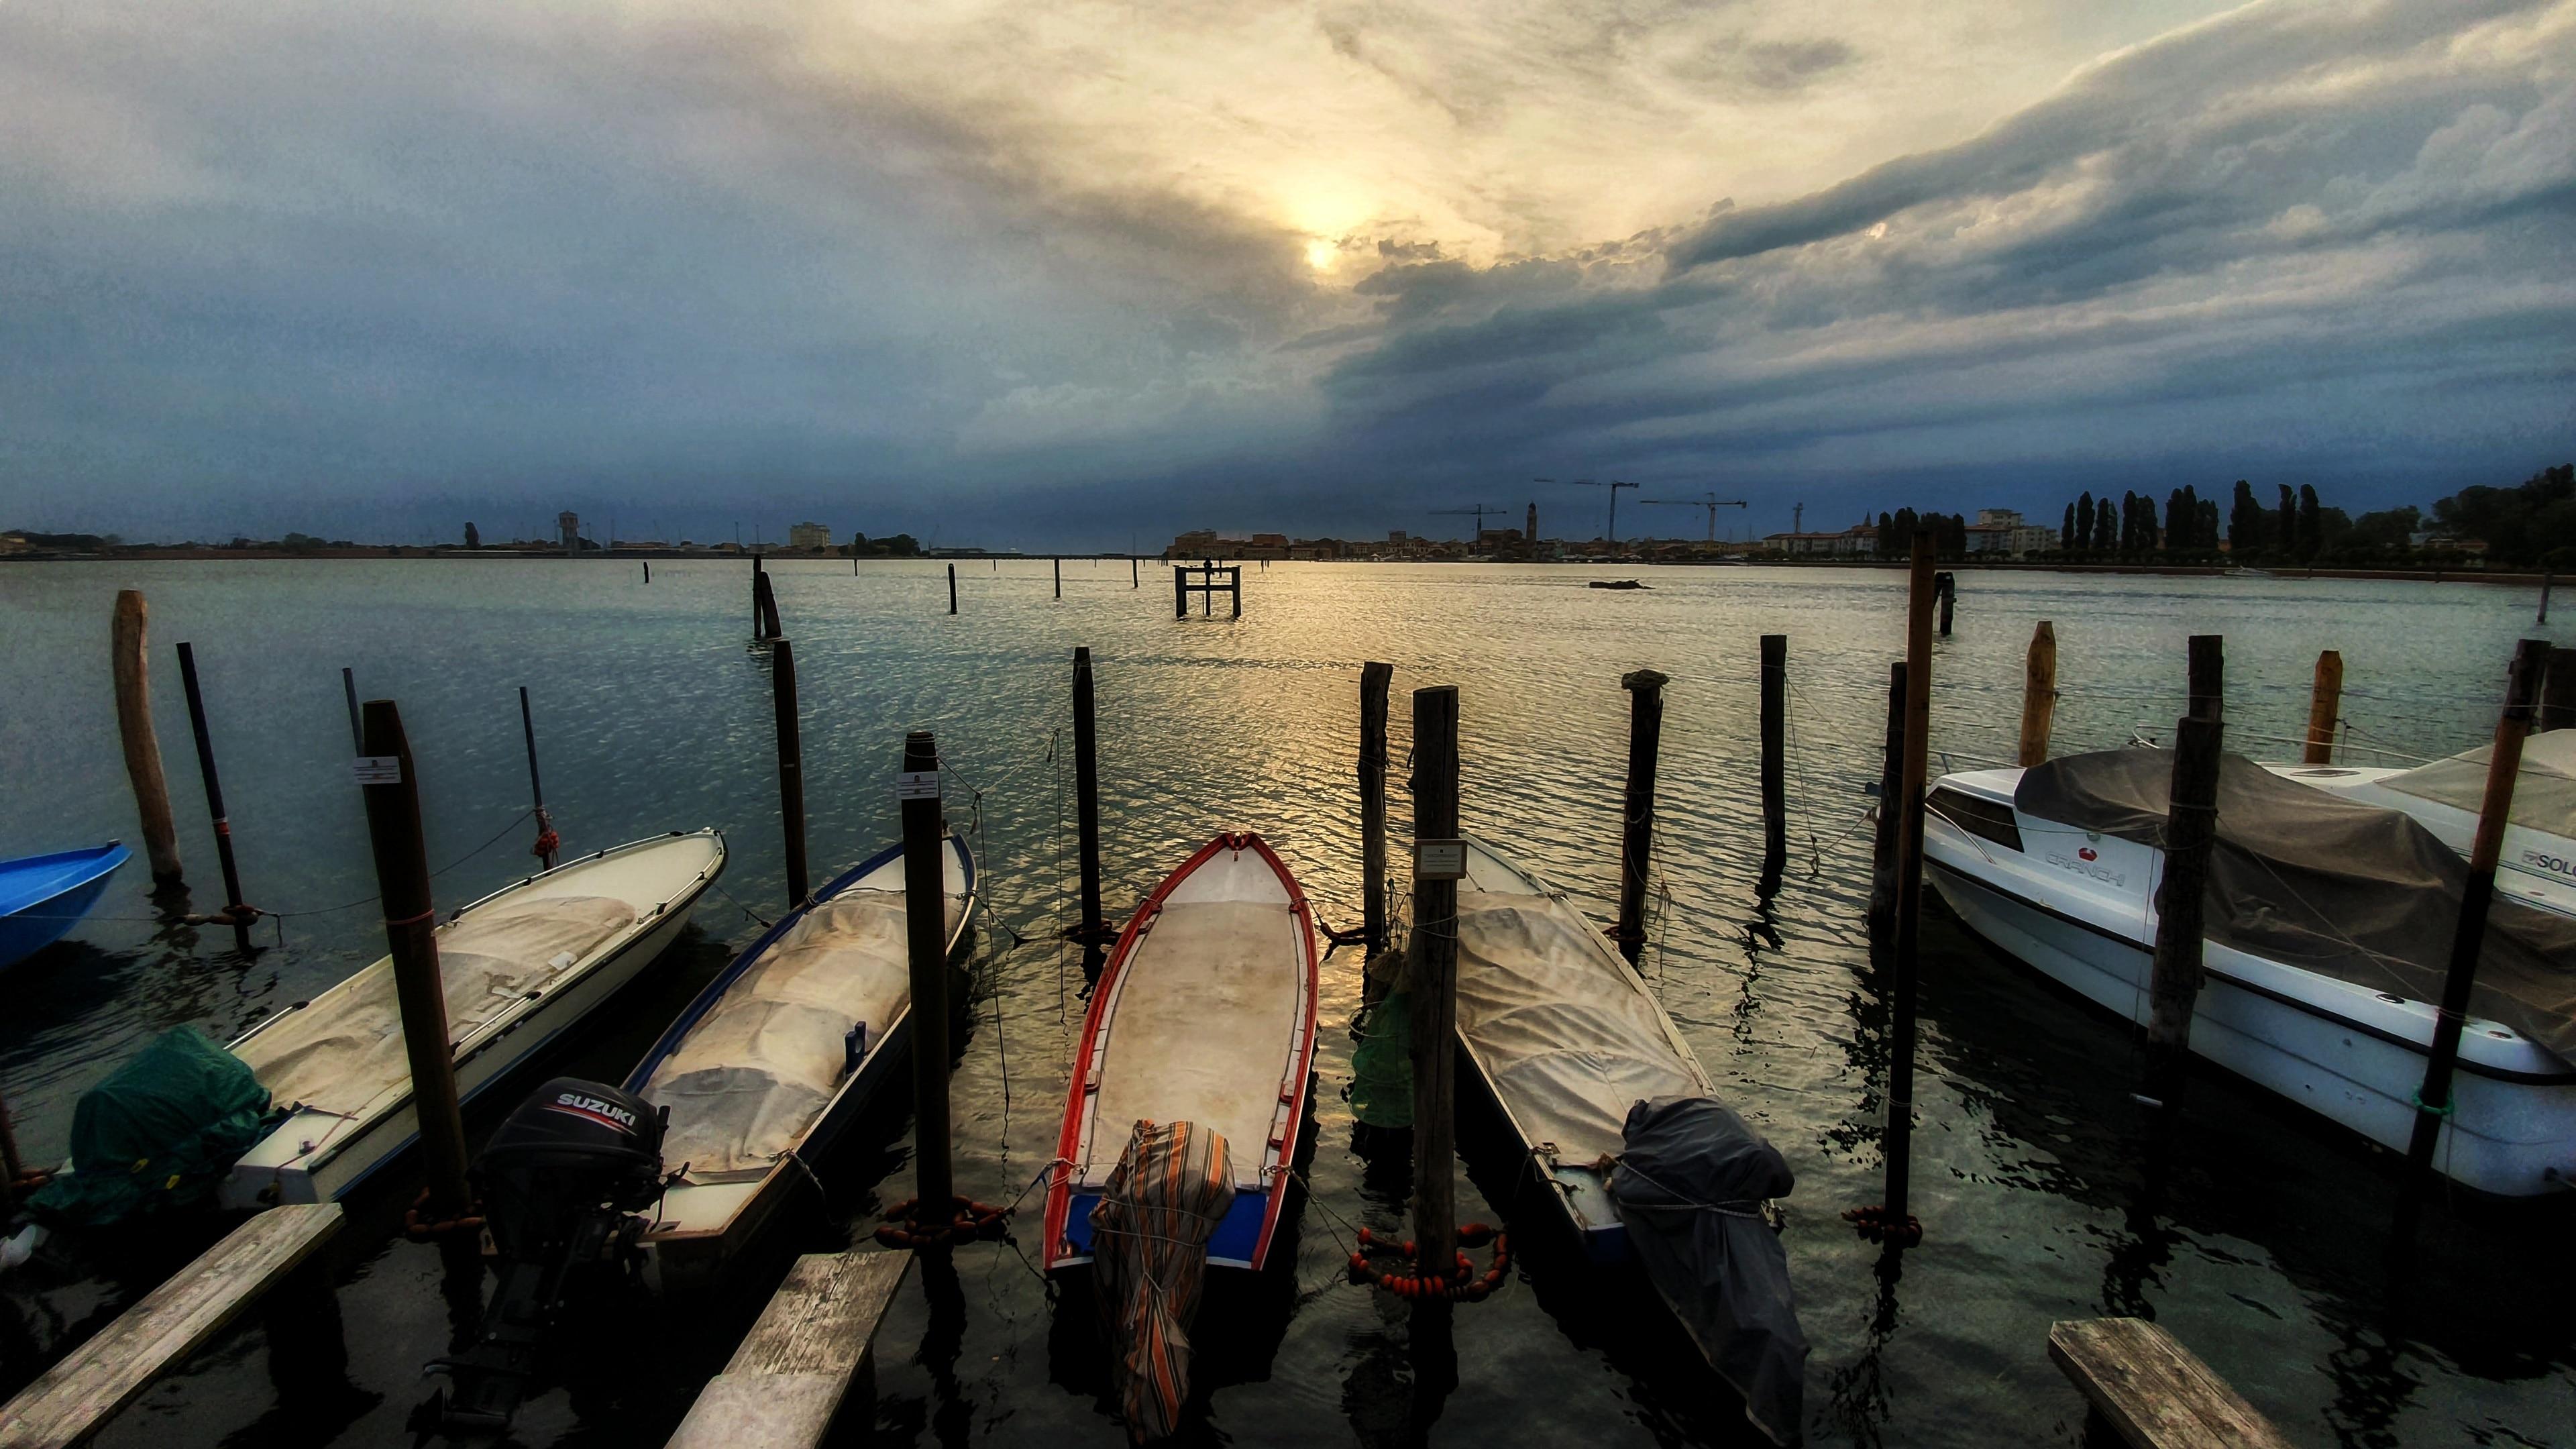 Sottomarina, Chioggia, Veneto, Italy